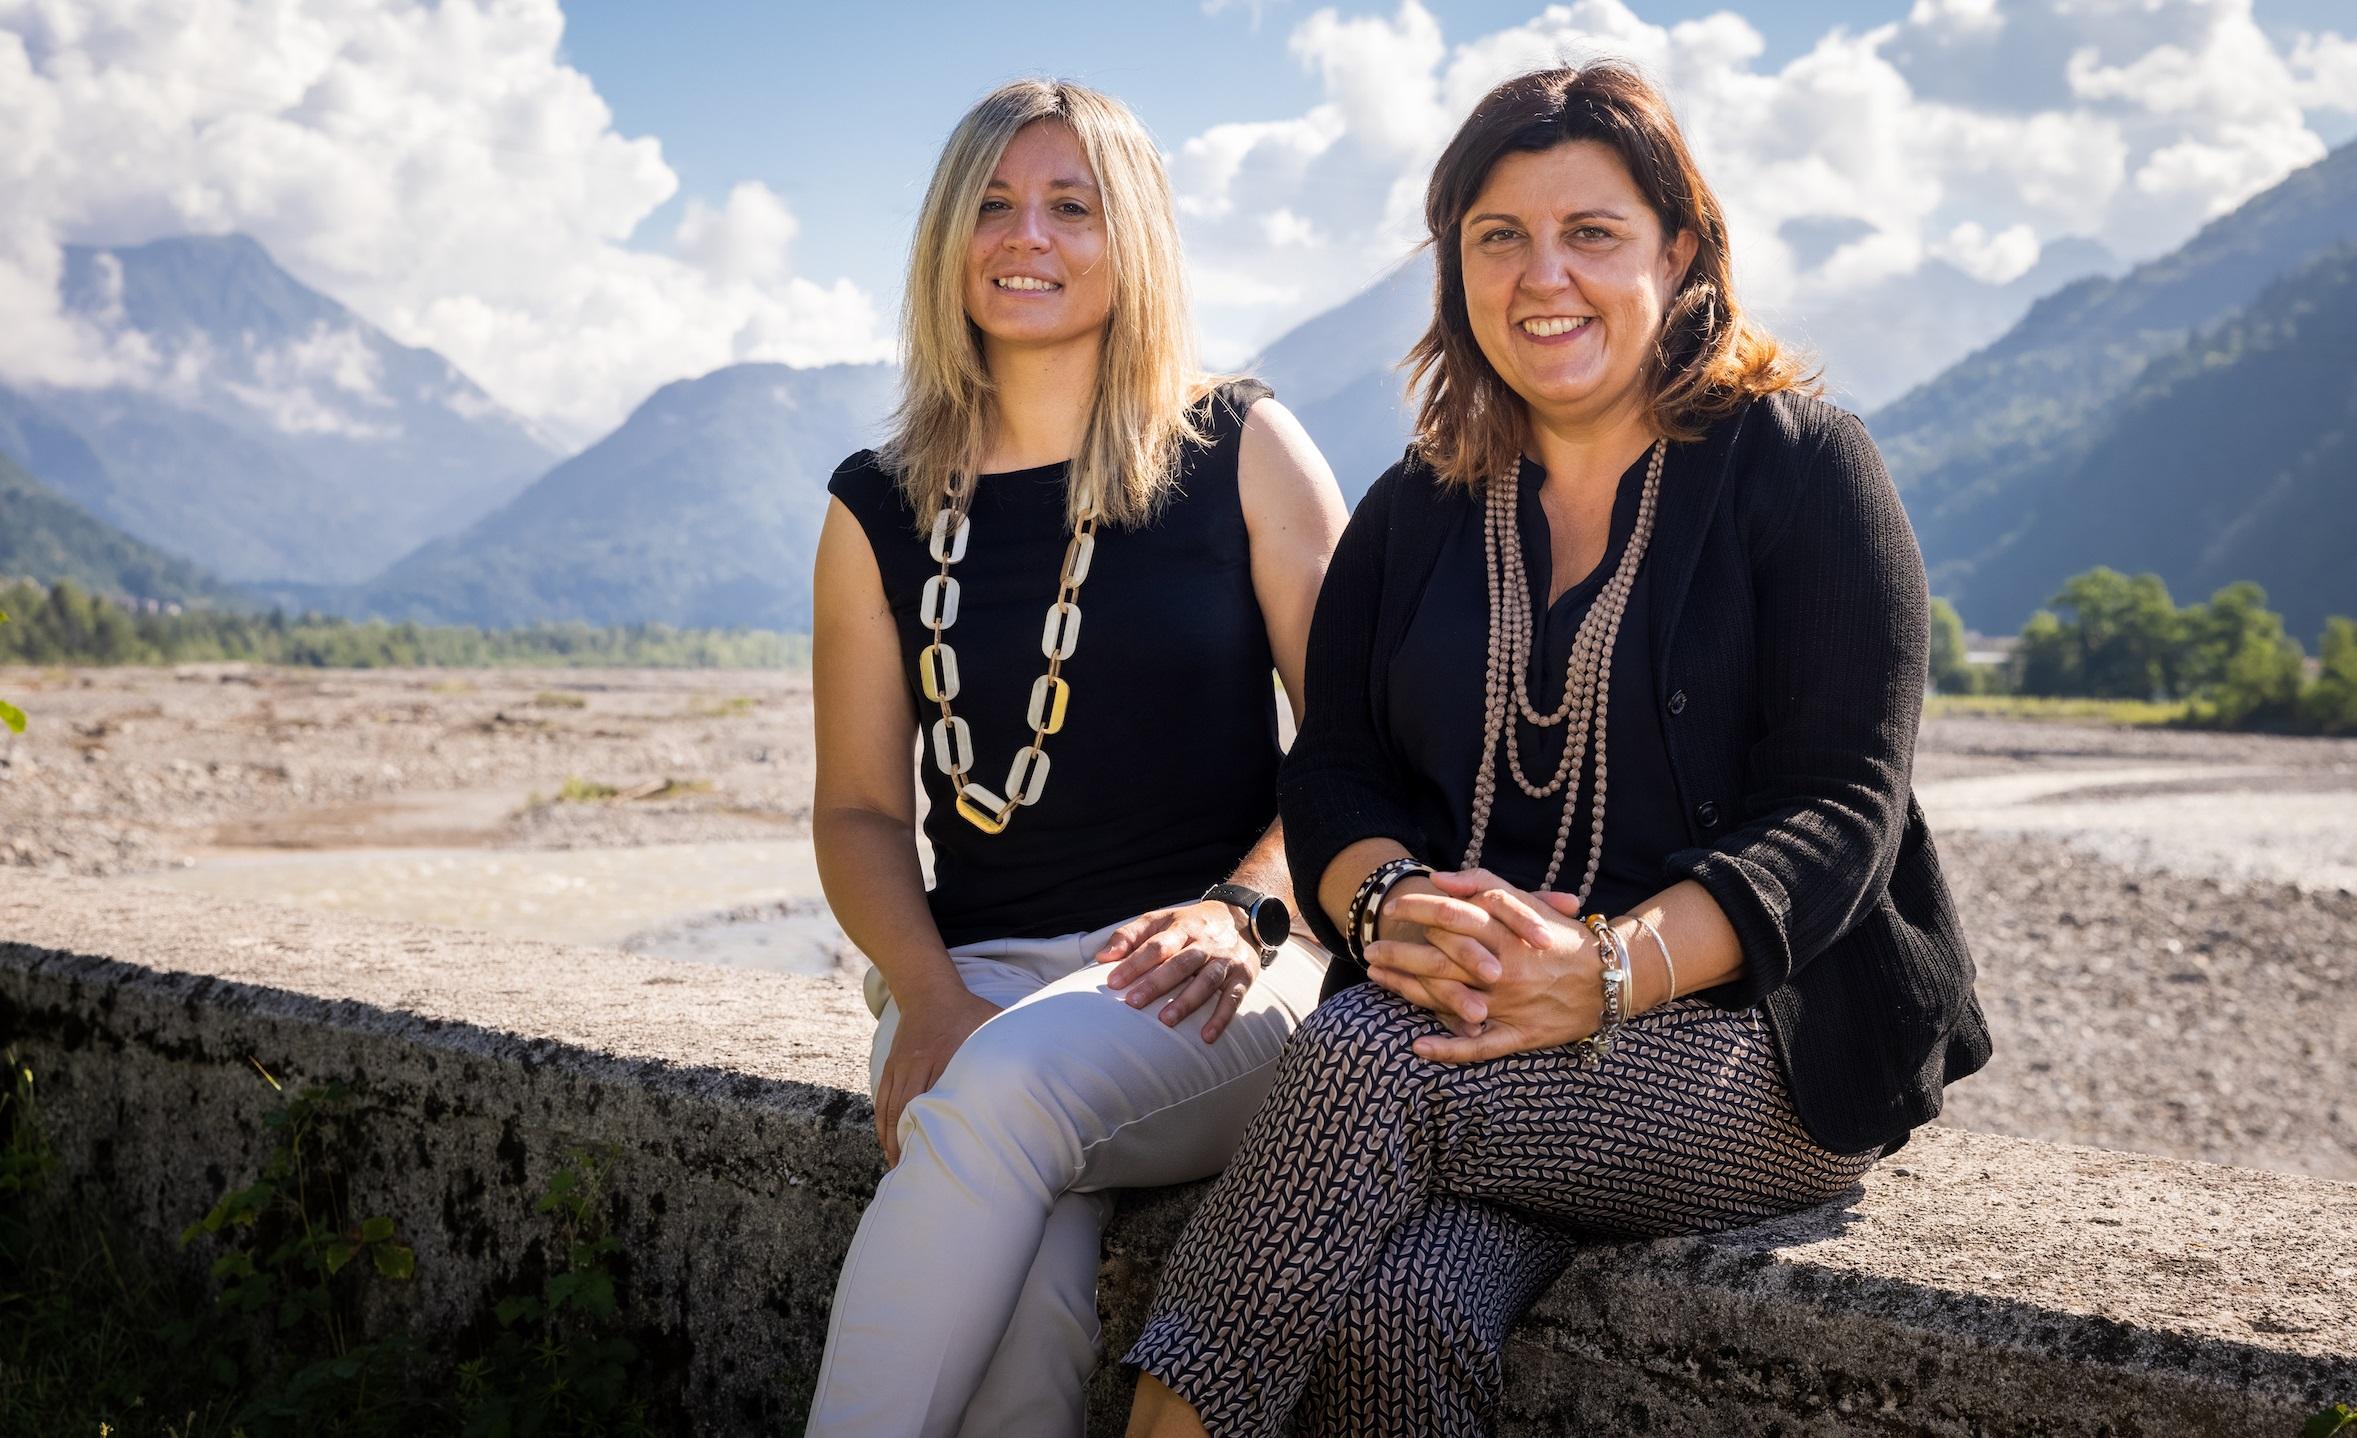 Cambio ai vertici della cooperativa Cramars,  Stefania Marcoccio confermata Presidente, Annalisa Bonfiglioli nuova vicepresidente